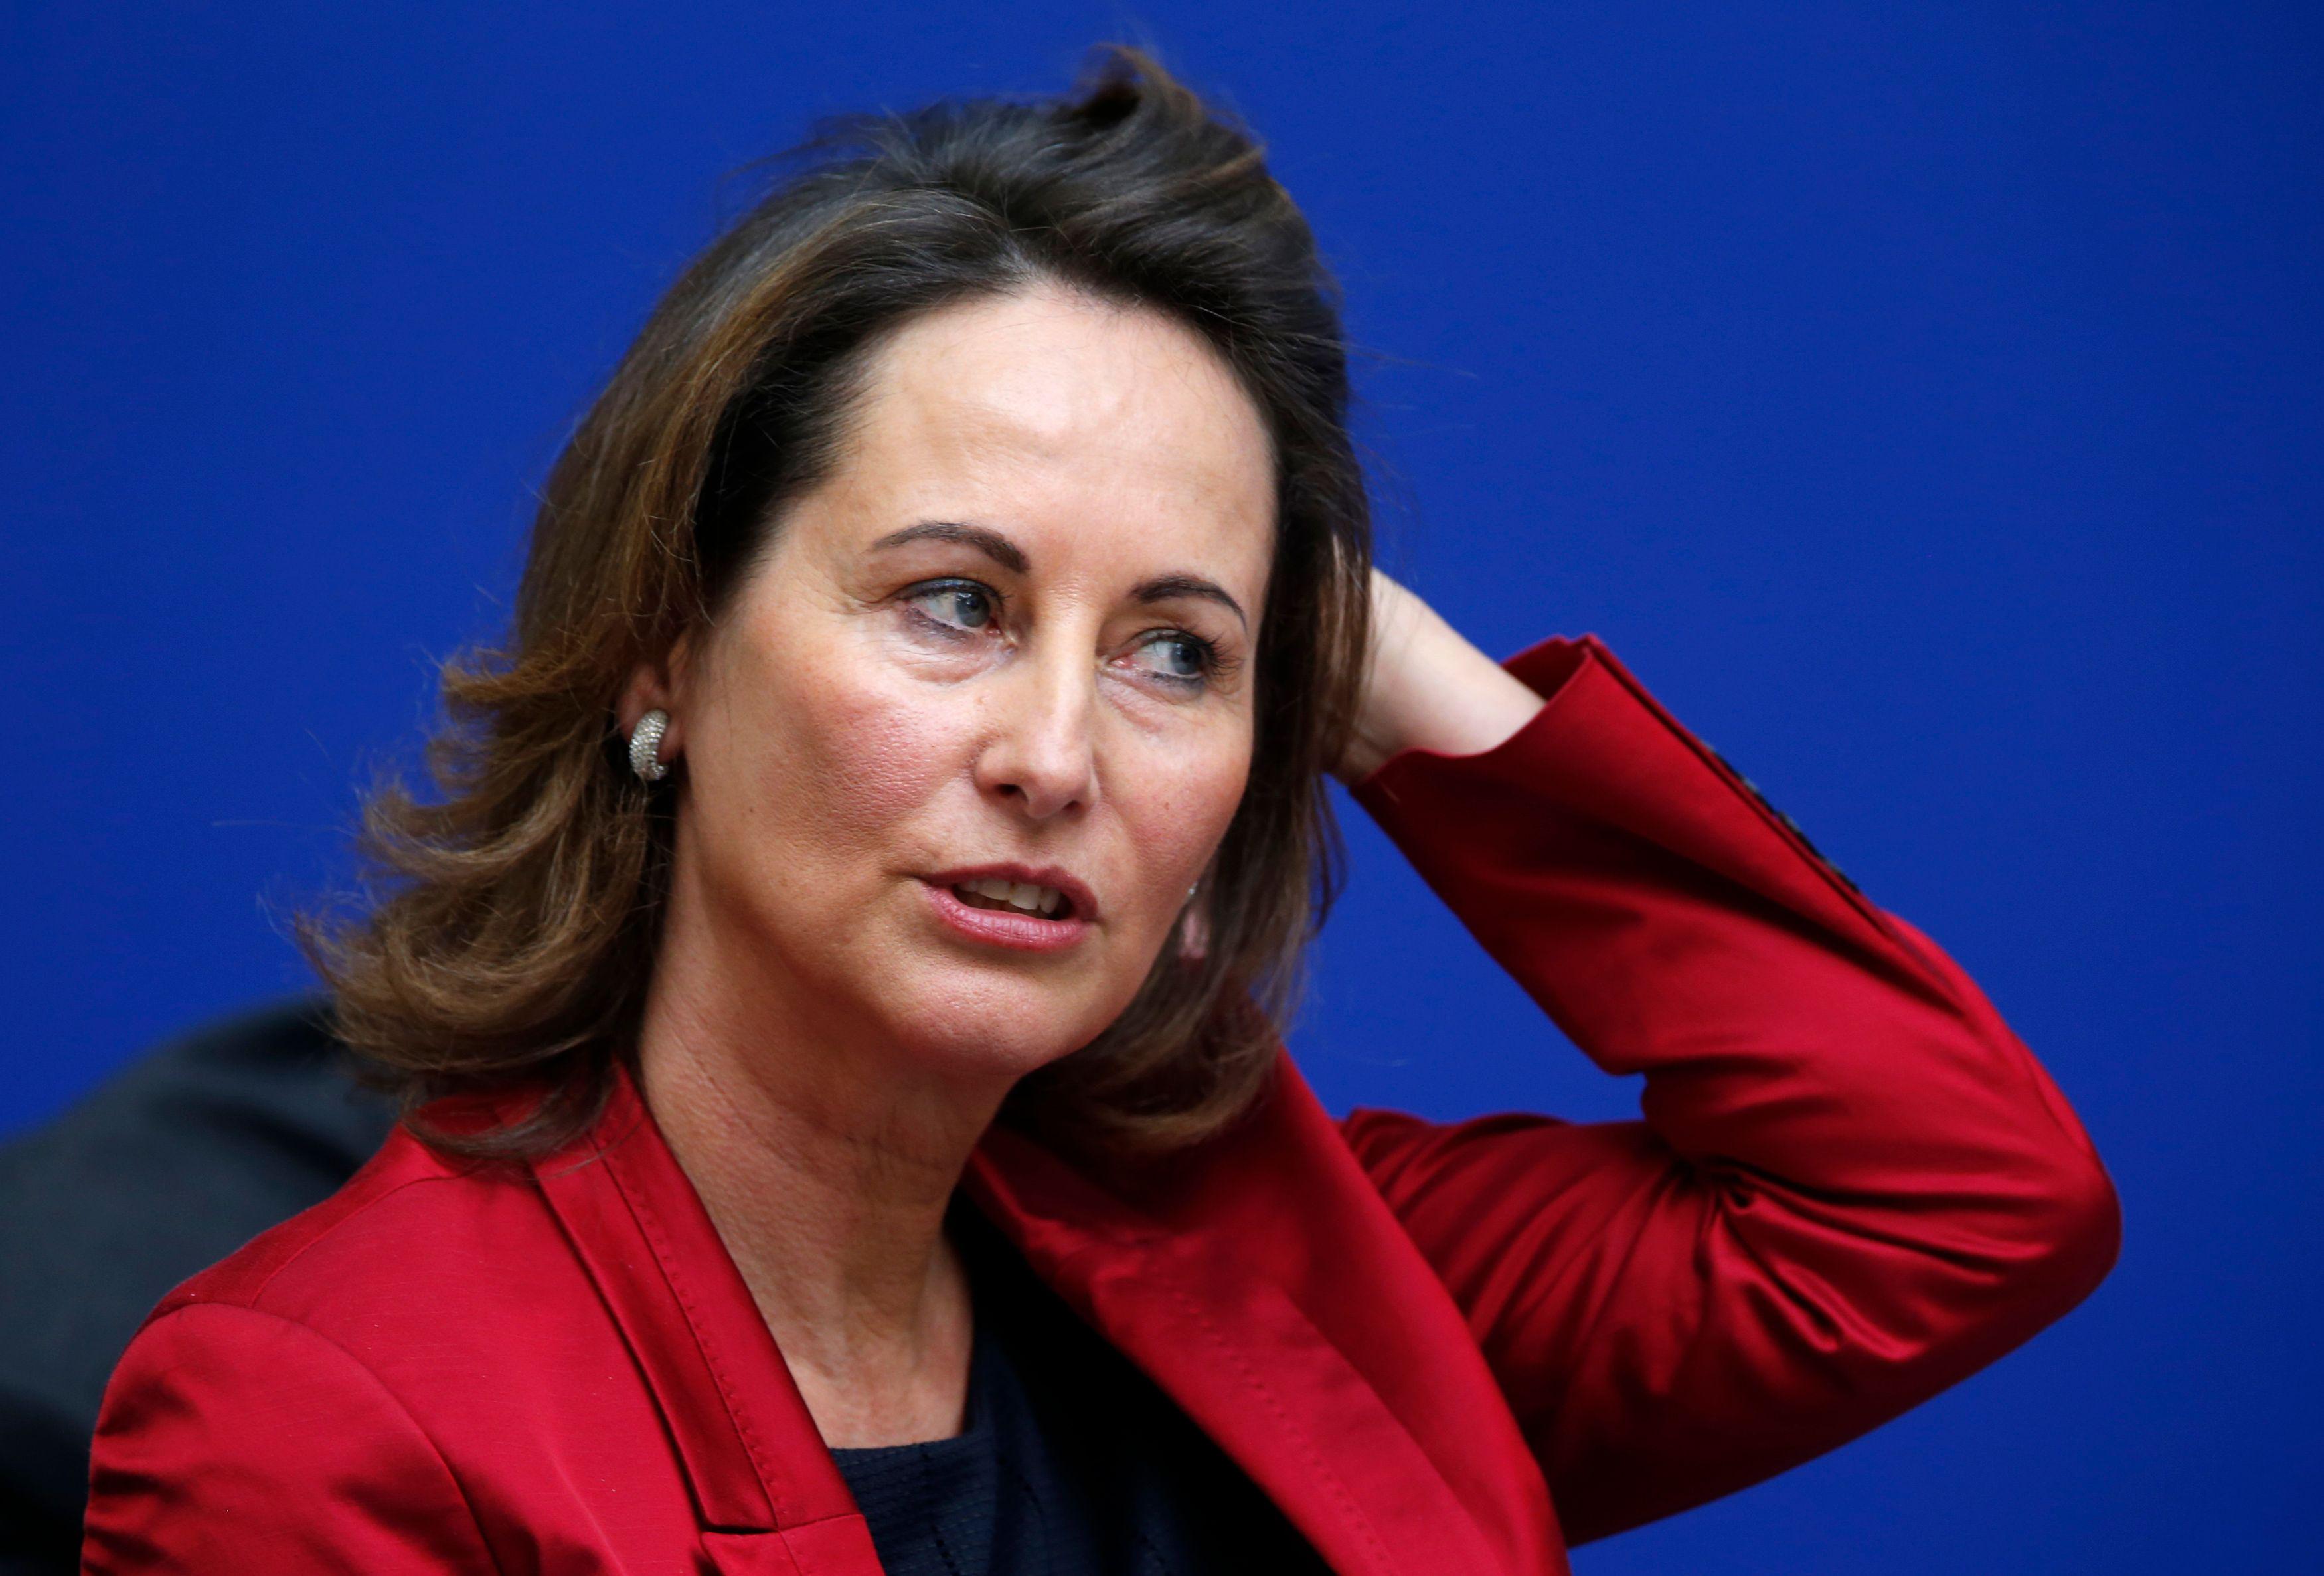 Ségolène Royal s'est exprimée sur la réforme des retraites